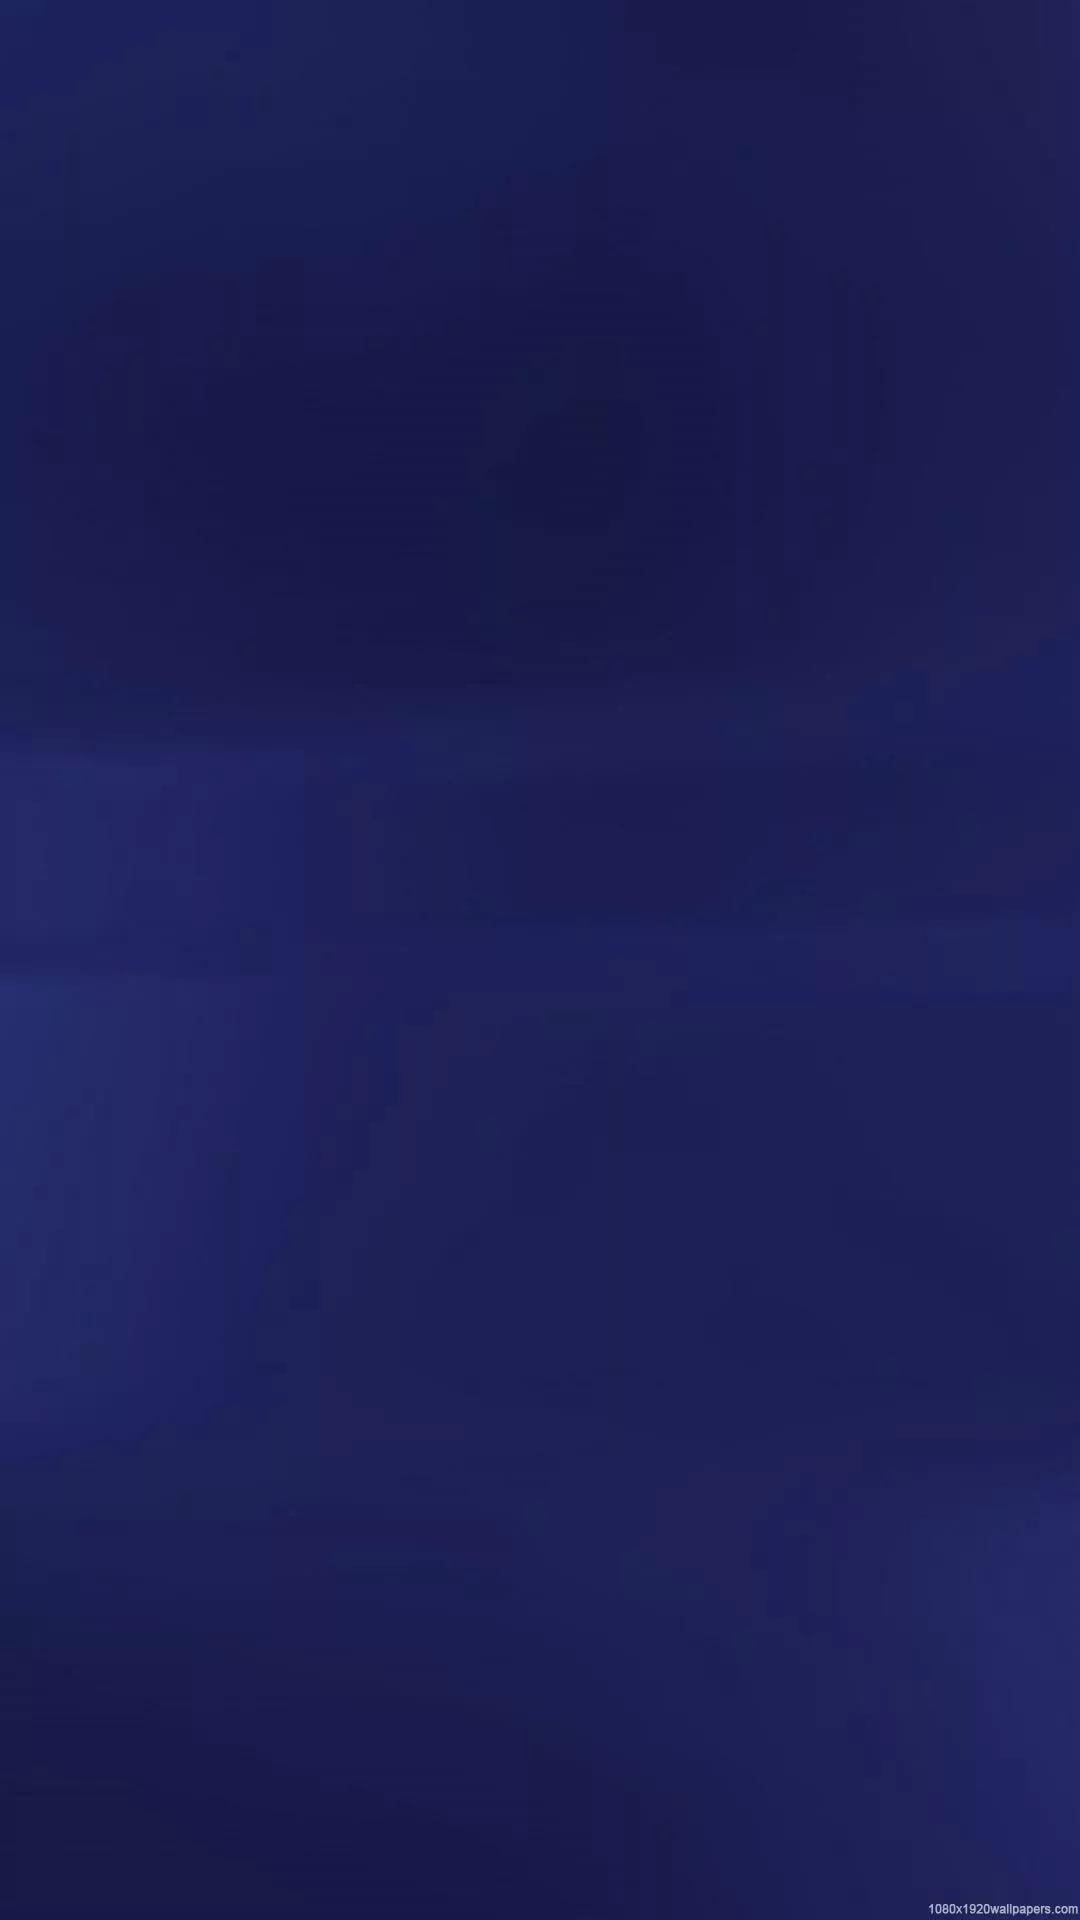 Dark Blue phone background